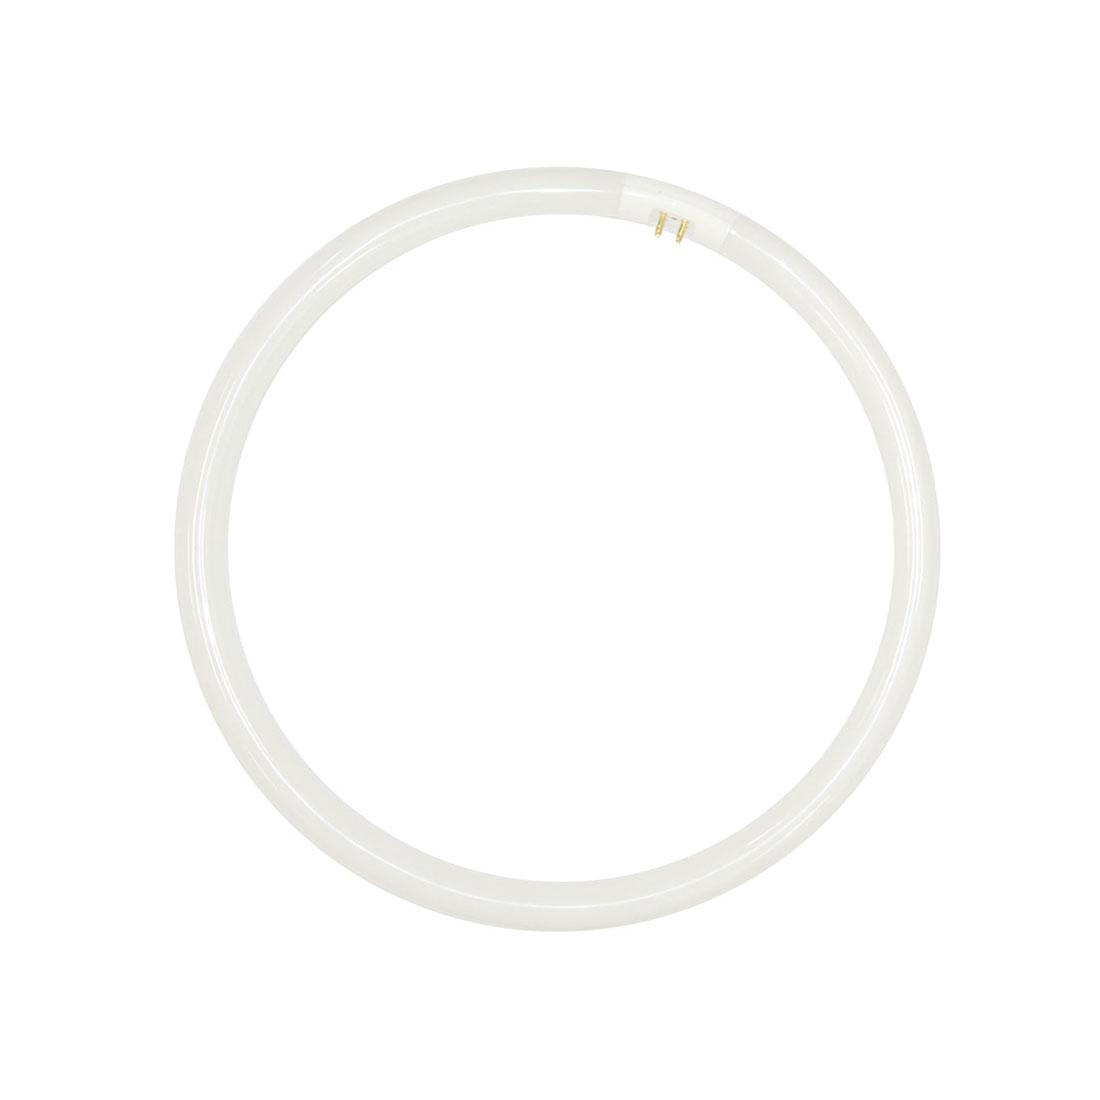 Circular T5 Fluorescent Tube 32w Warm White